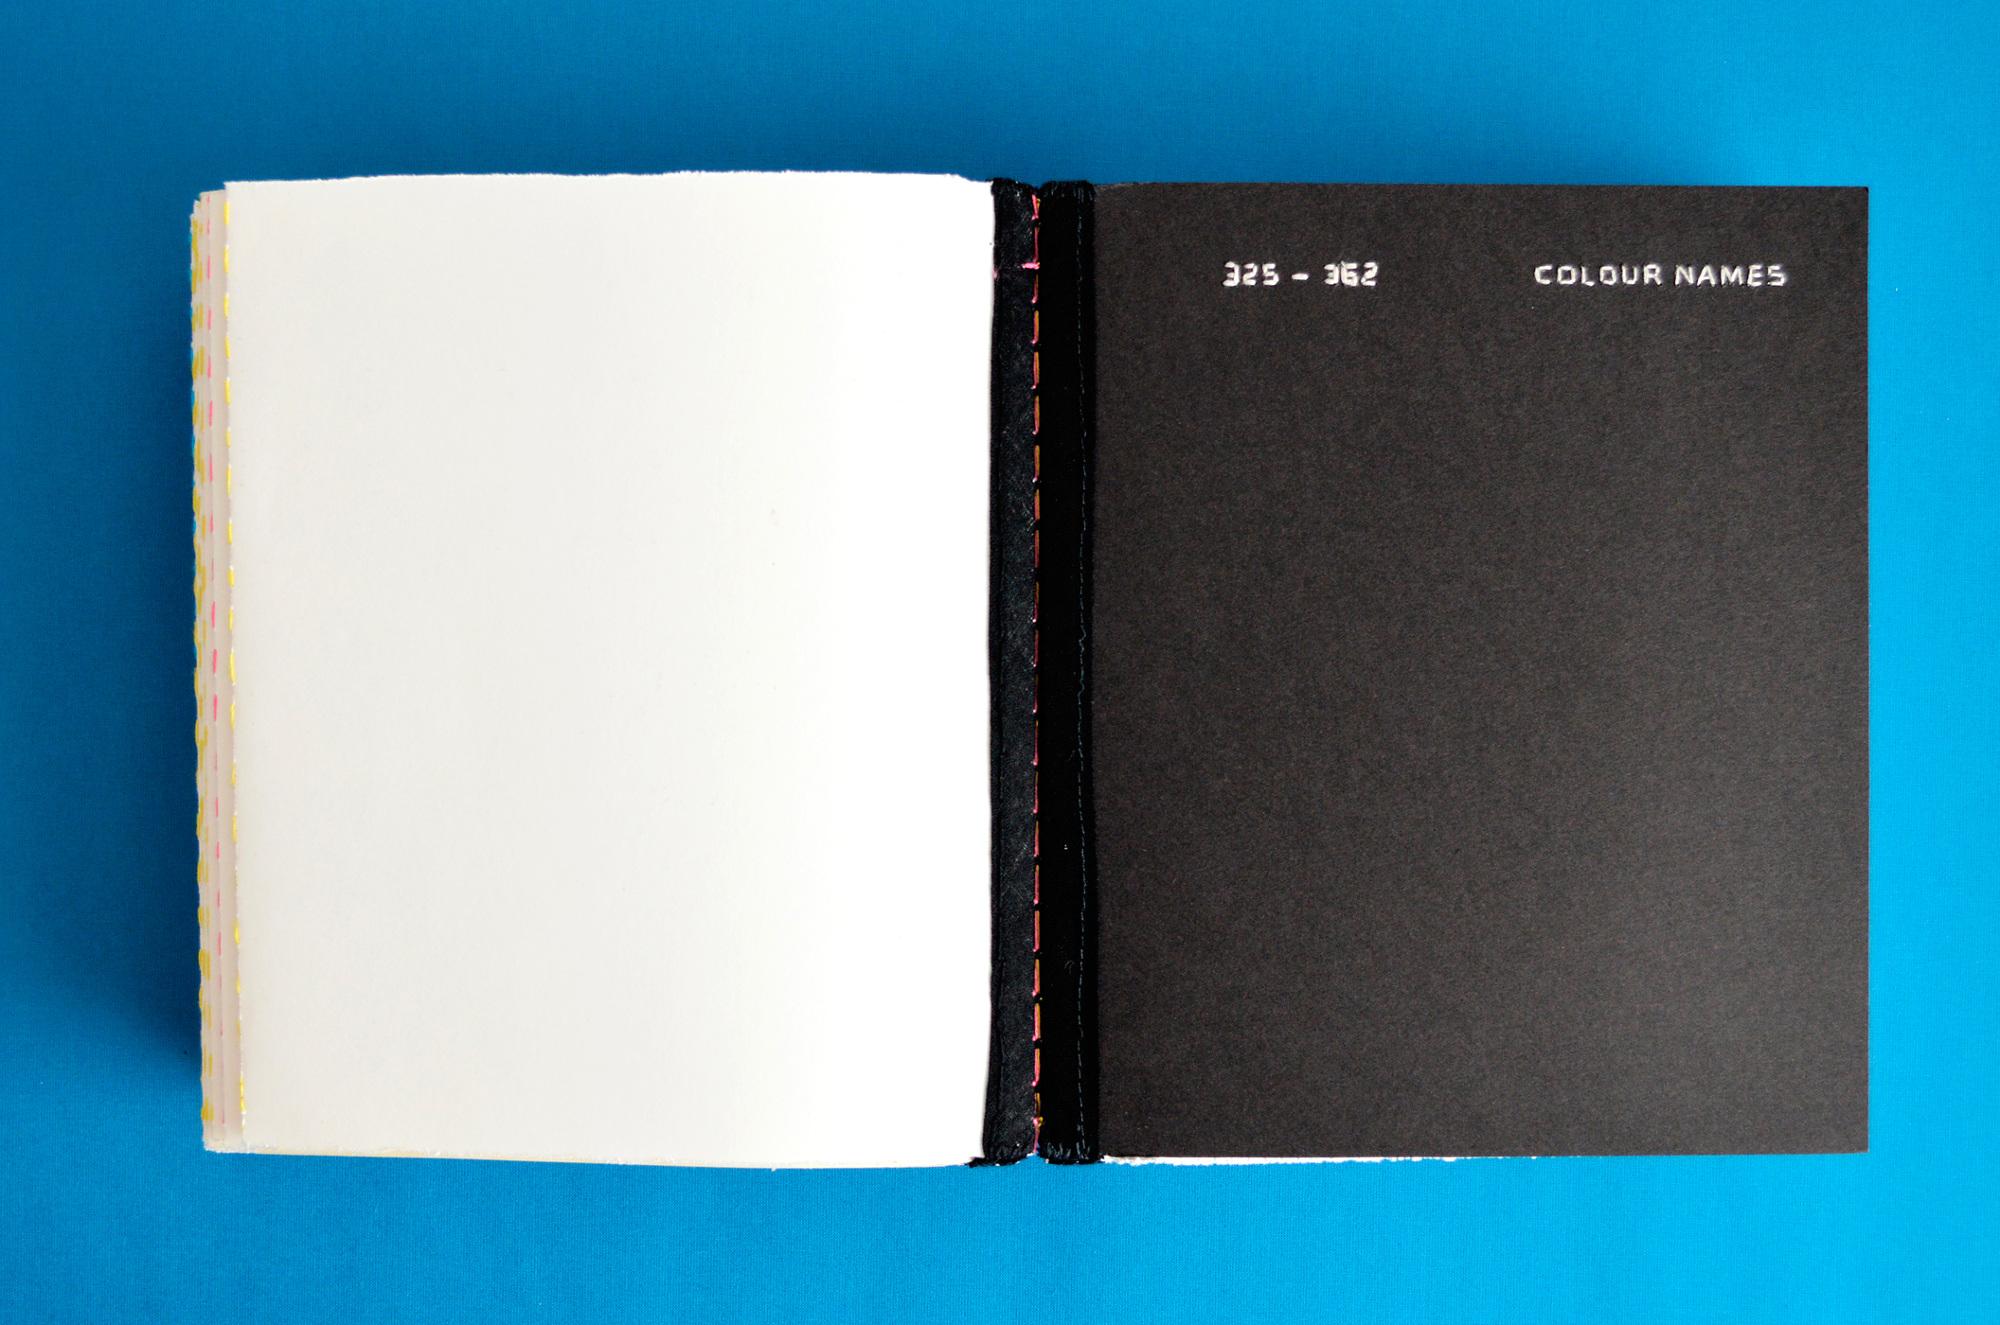 Book colour names - Previous Next 9 Of 33